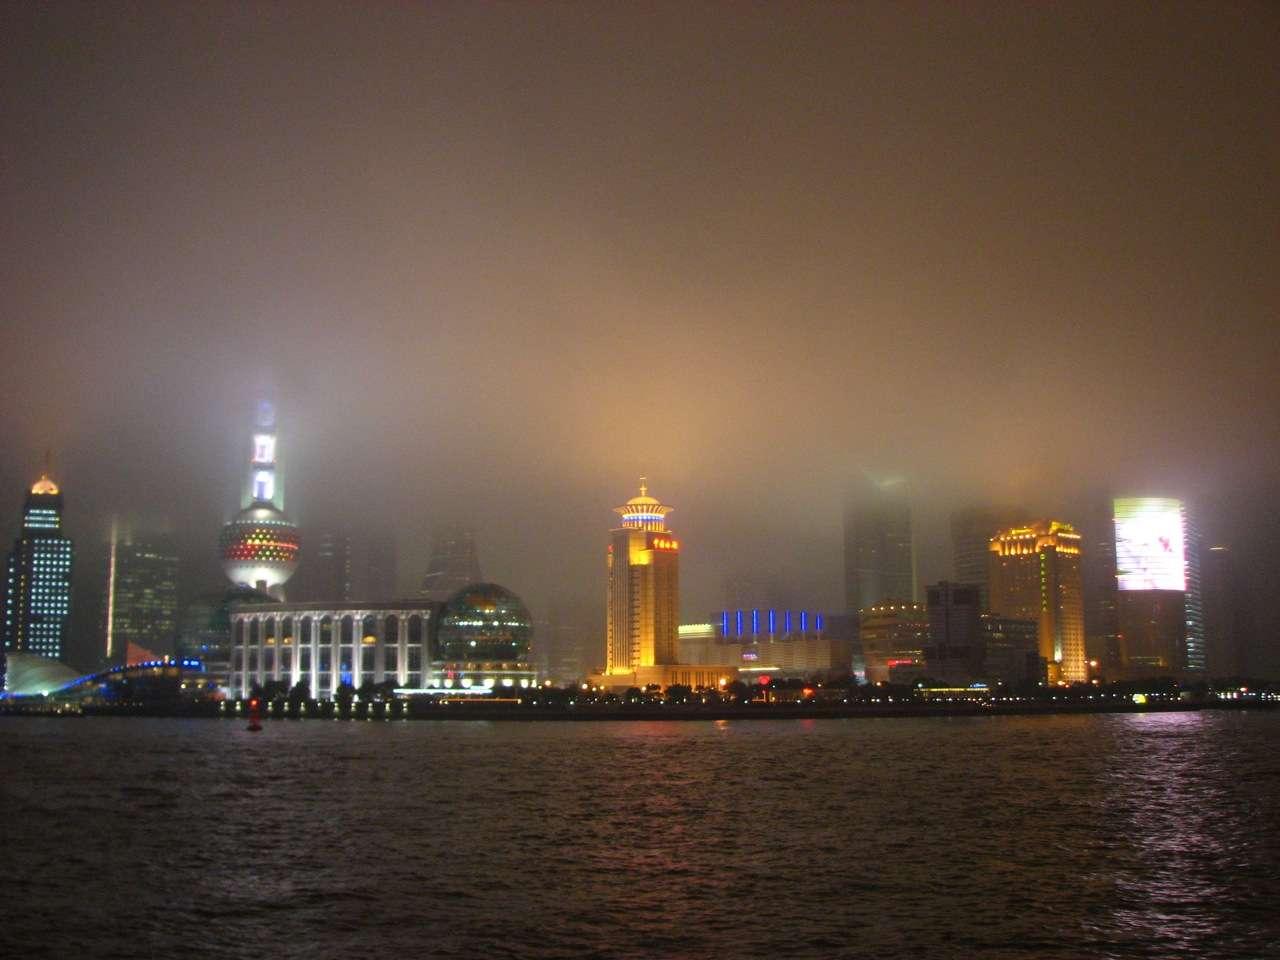 Le nuage brun d'Asie est un nuage de pollution essentiellement constitué d'aérosols issus de l'activité humaine. La combustion incomplète du carbone, tant de la biomasse que du carbone fossile, alimente cette brume hautement cancérigène. © oenvoyage, Flickr, cc by nc sa 2.0